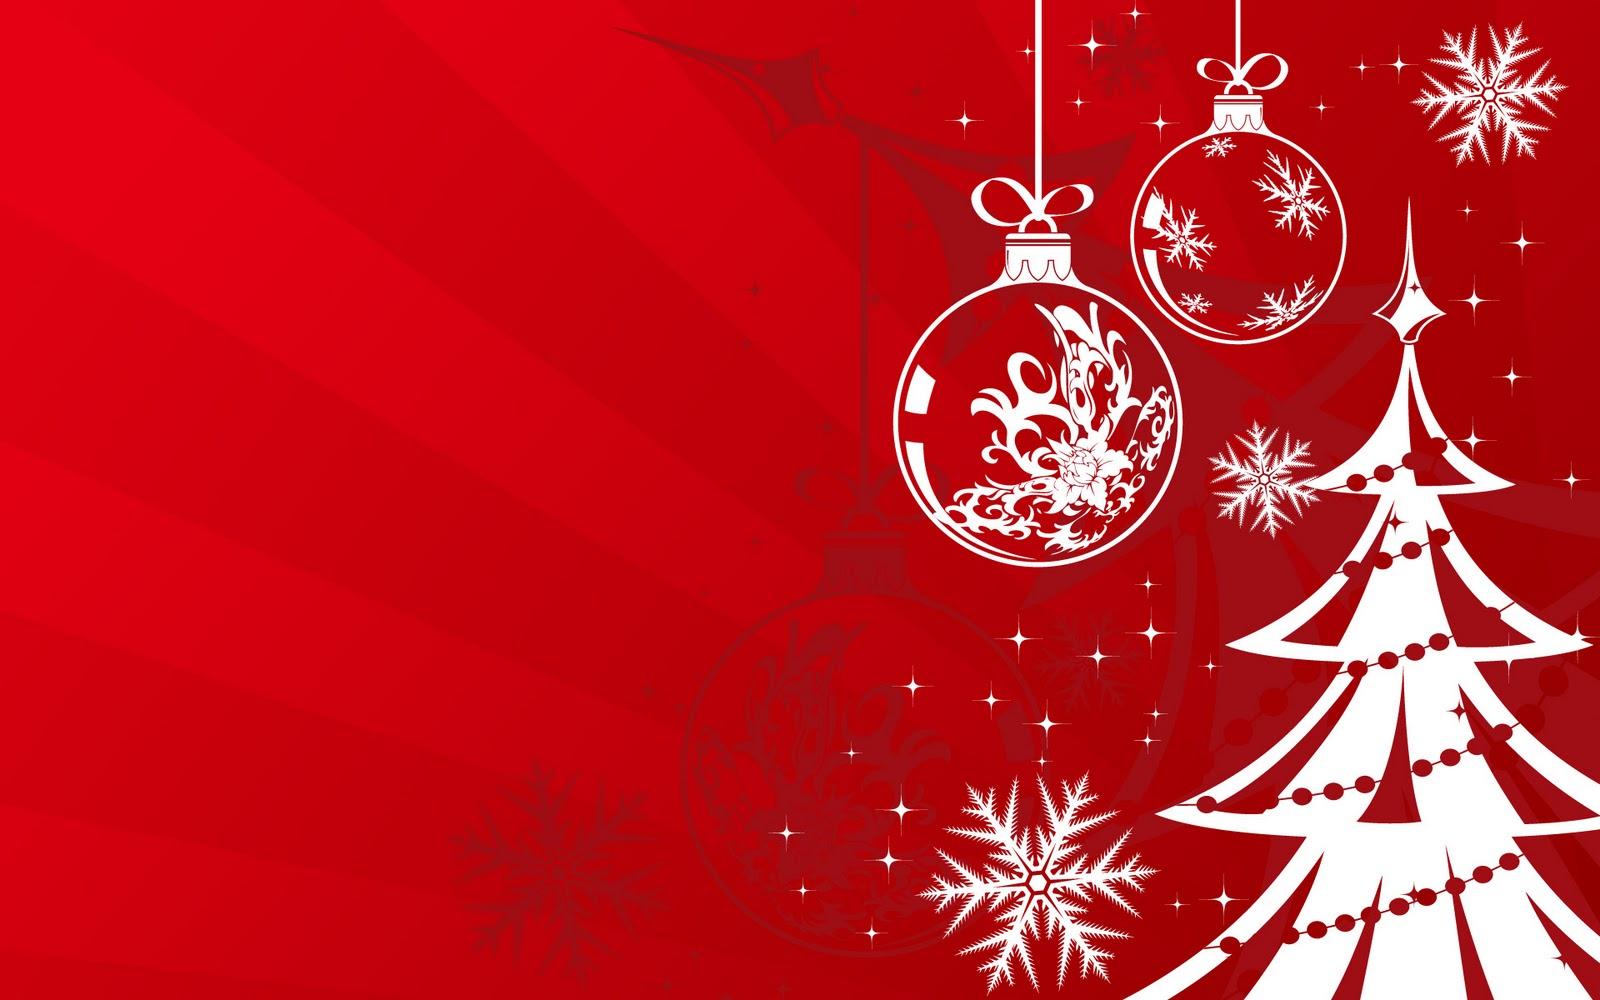 50 Wonderful Christmas Tree Digital Art HR Wallpapers ...